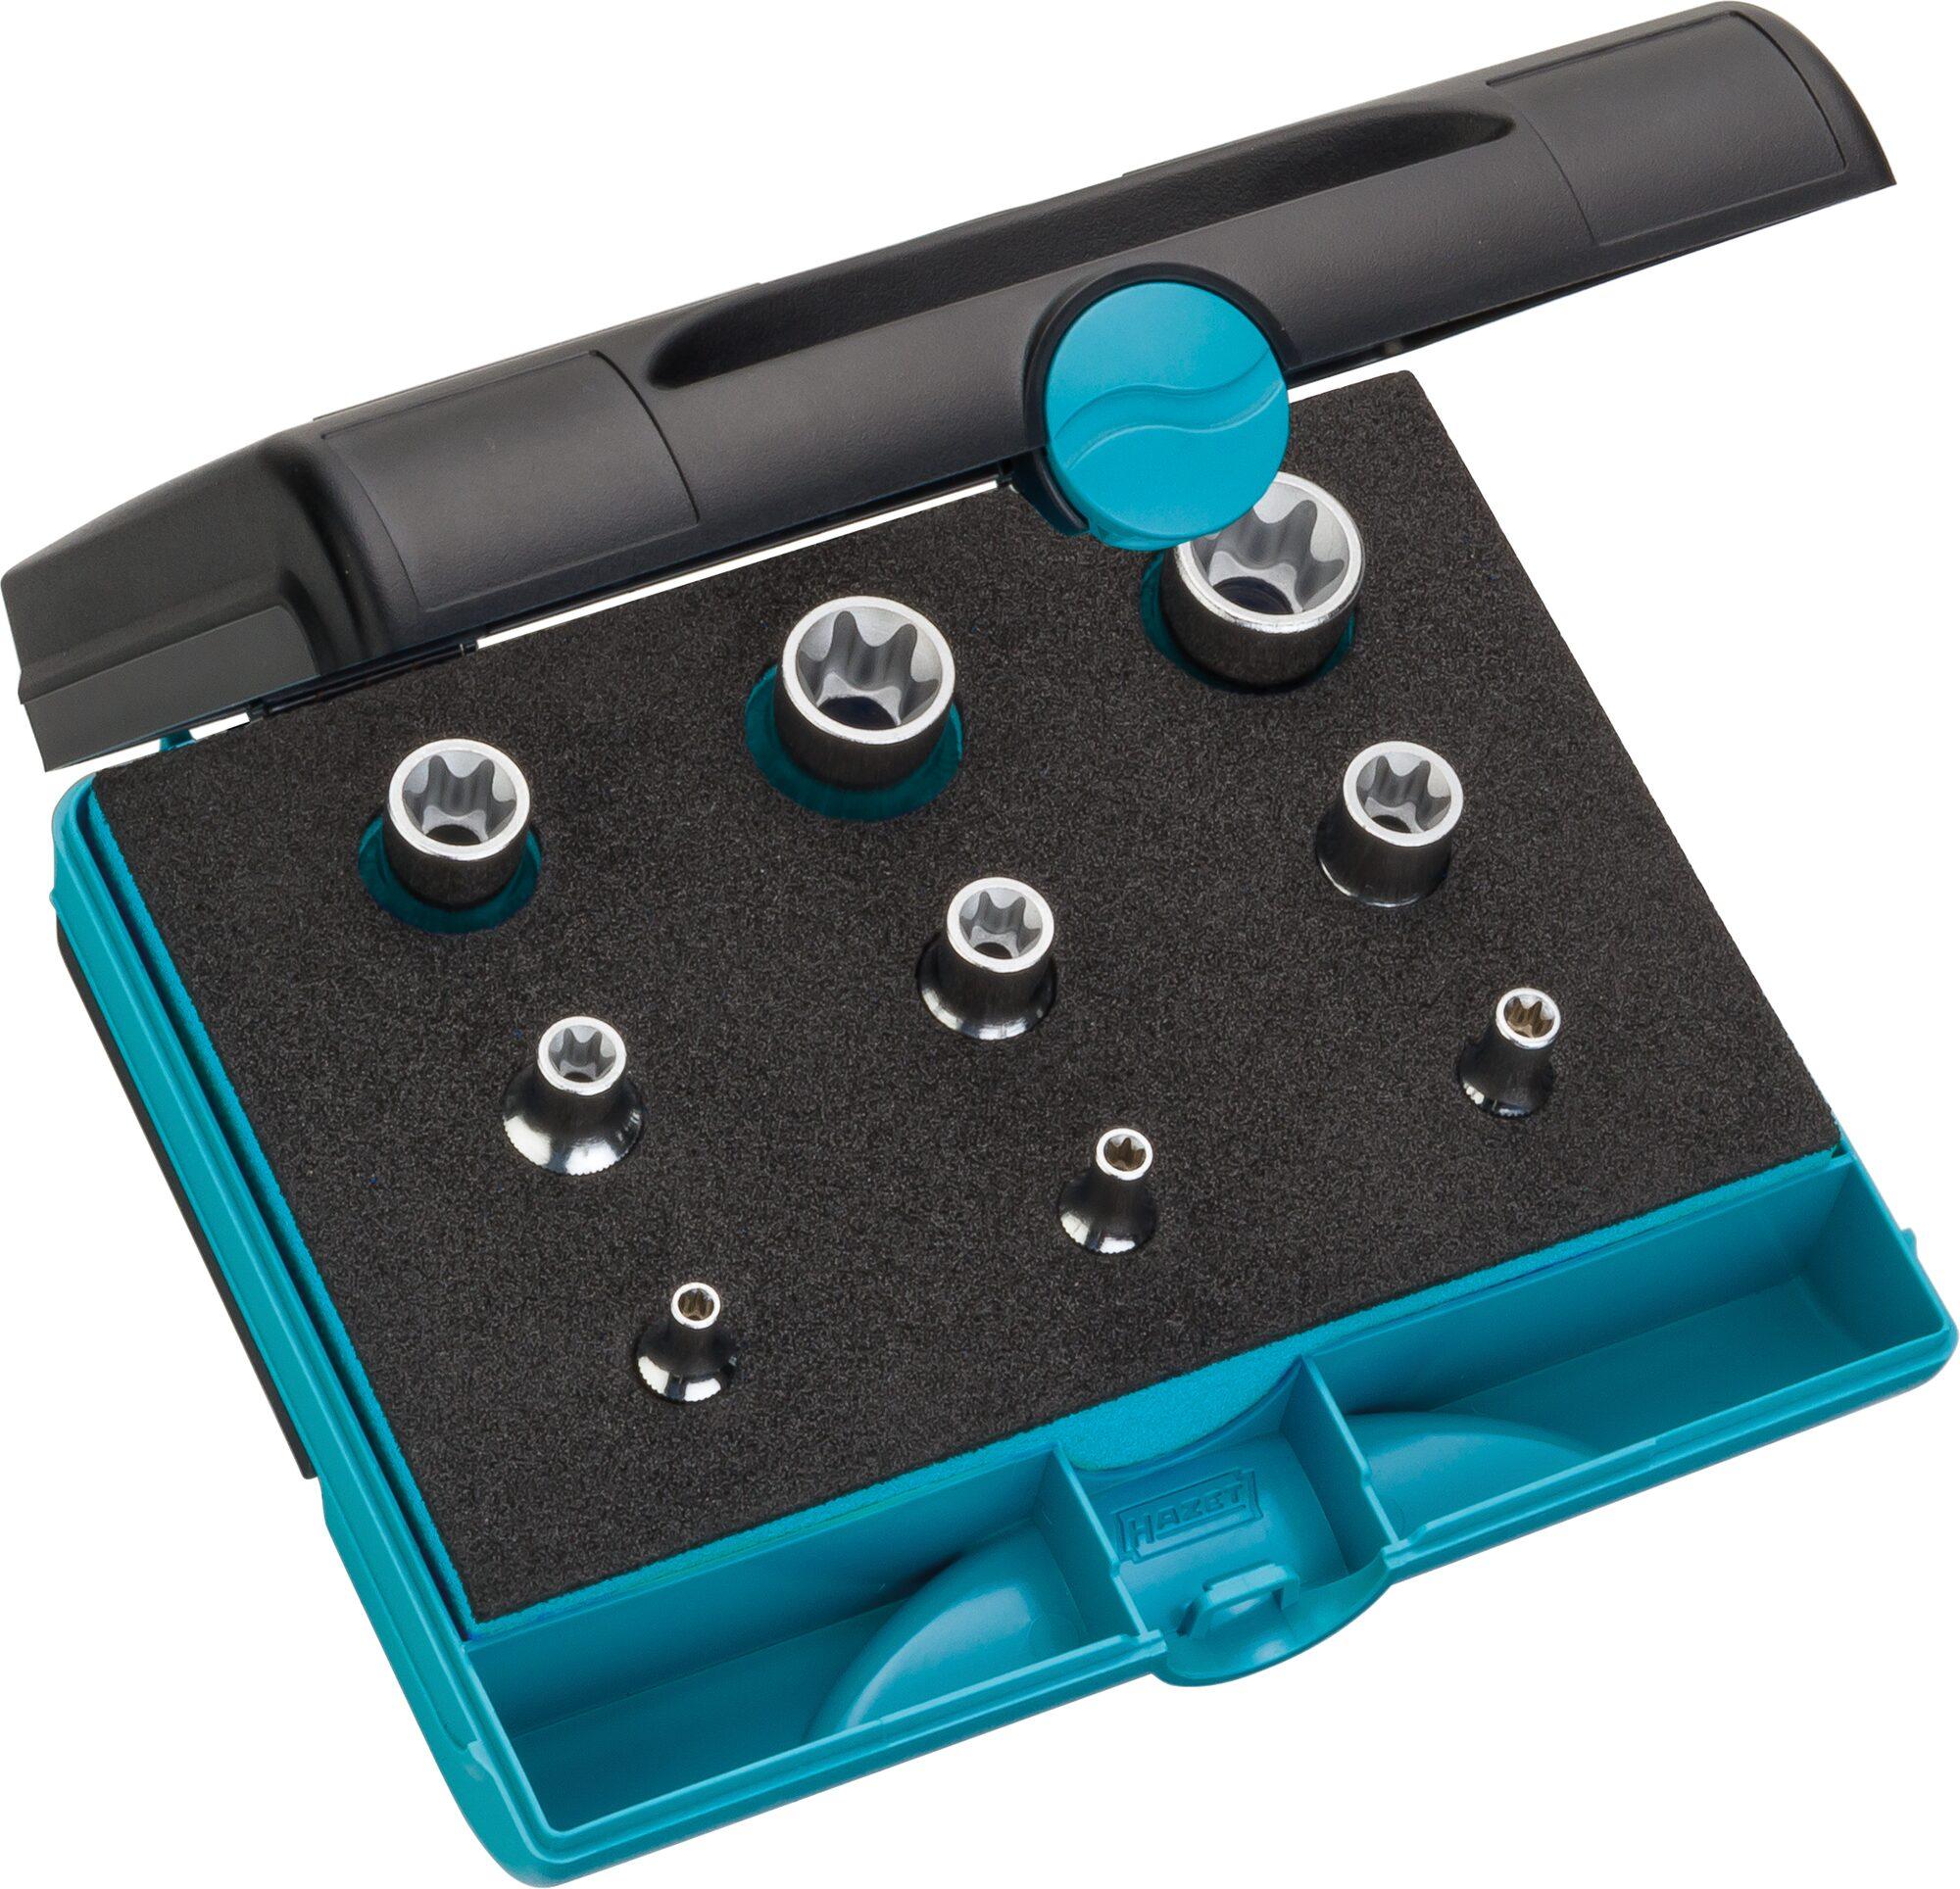 HAZET Werkzeug Satz TORX® 1557/9 ∙ Außen TORX® Profil ∙ Anzahl Werkzeuge: 9